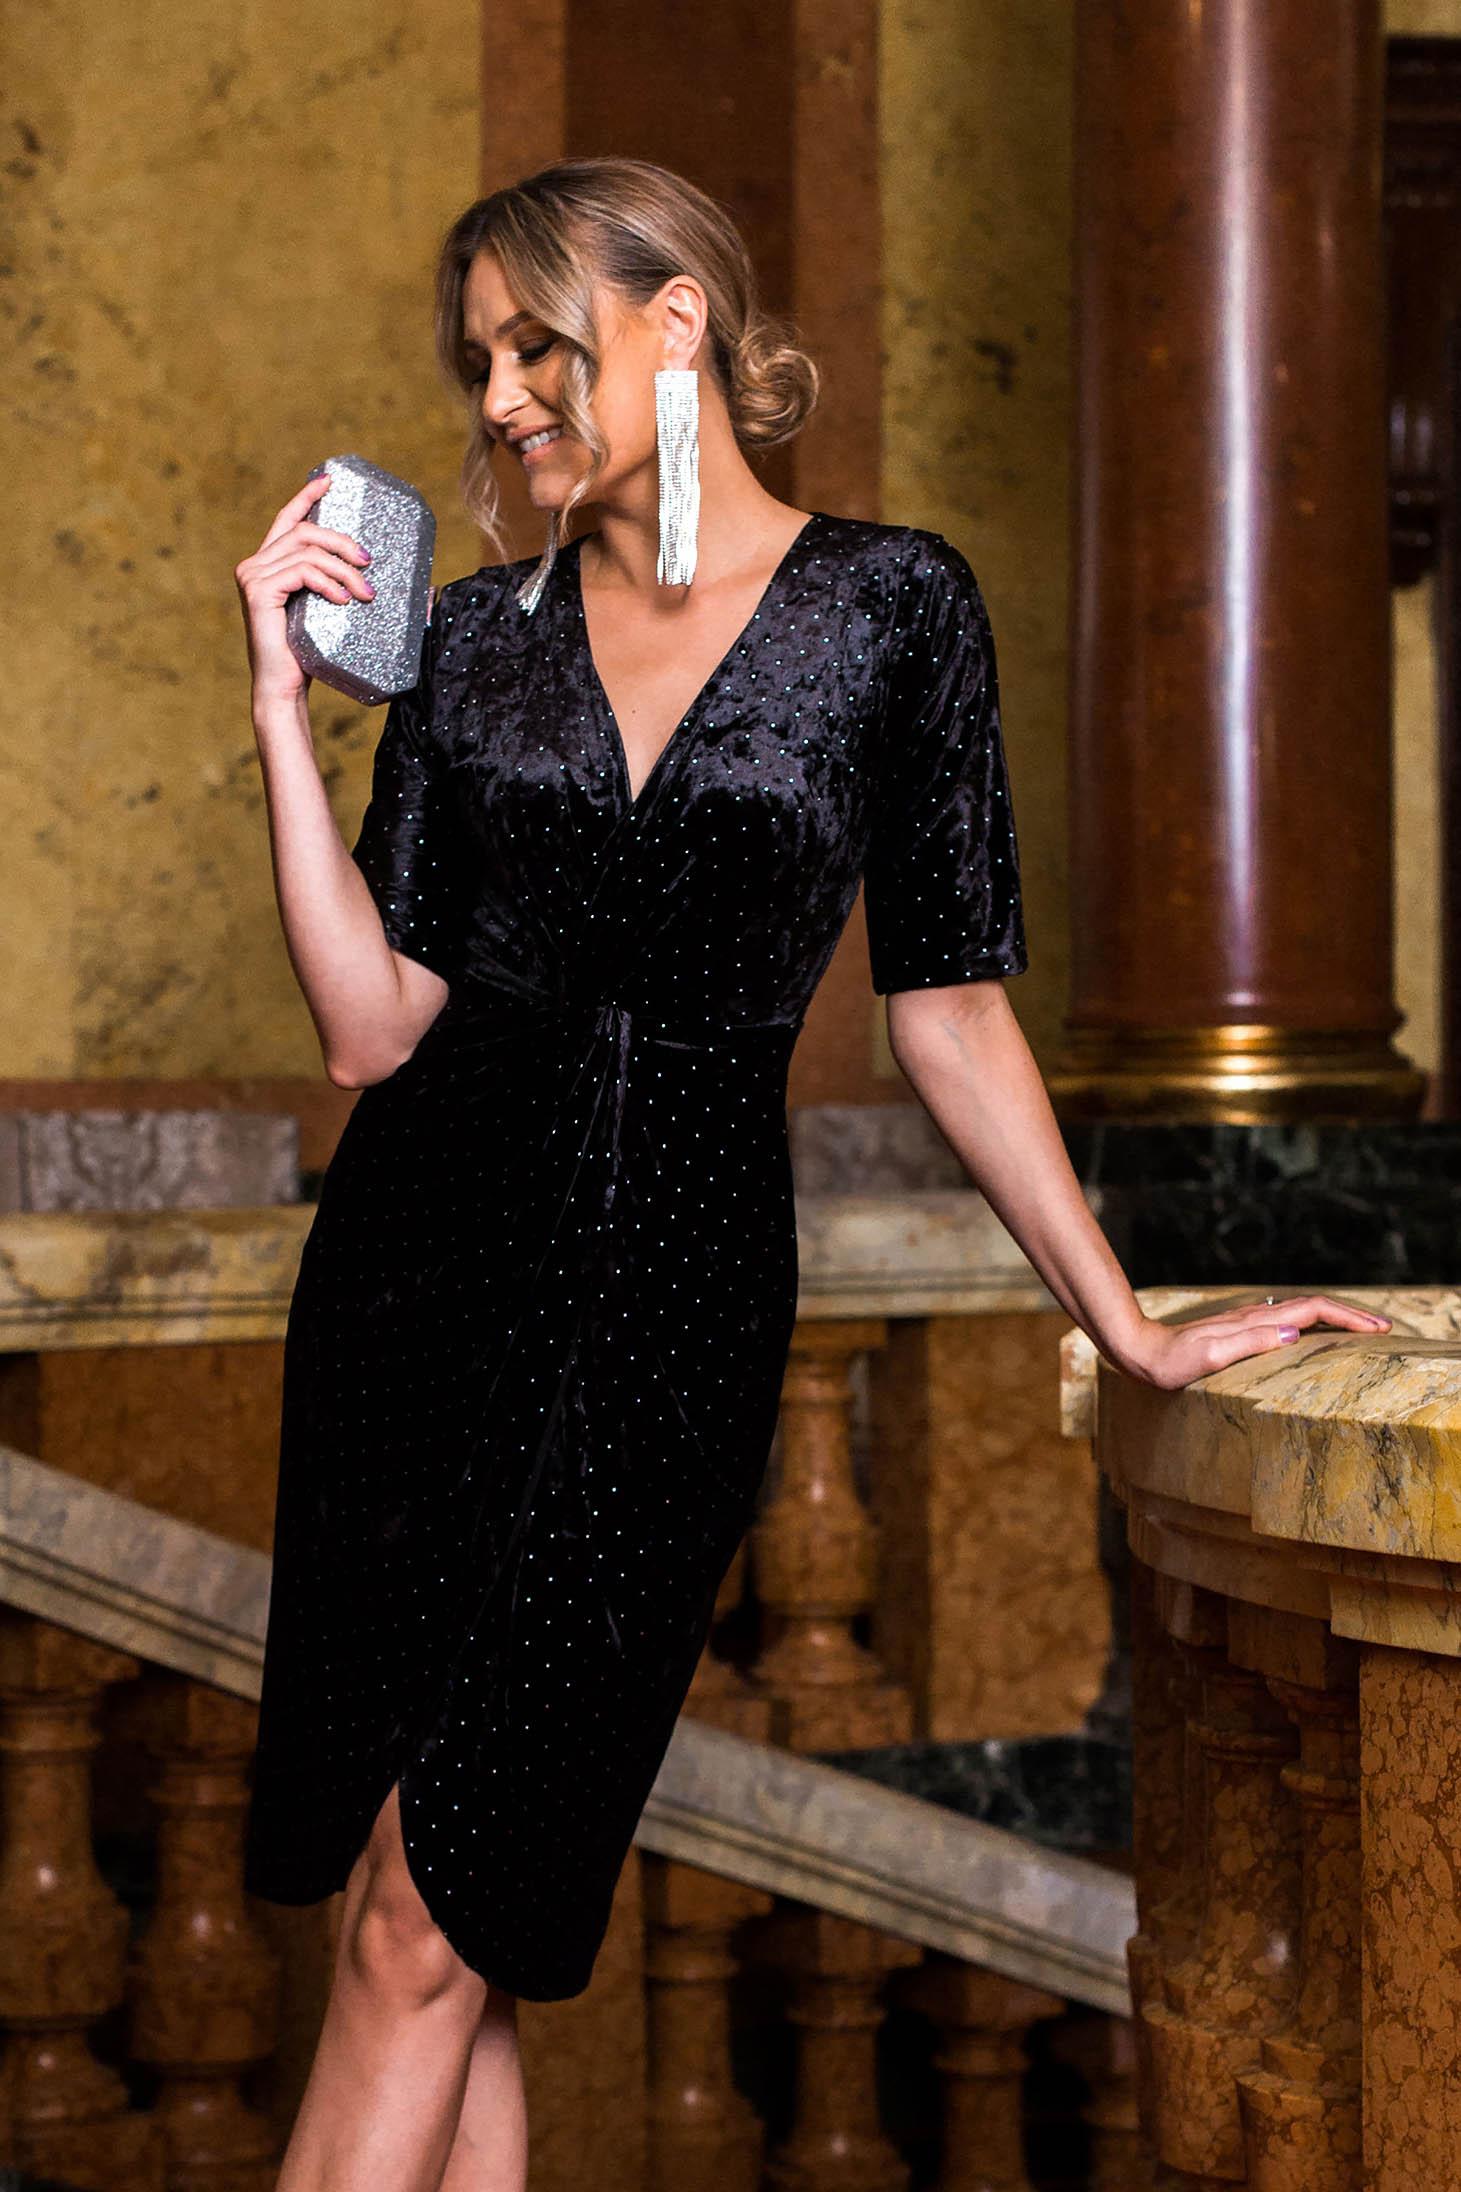 Black dress occasional 3/4 sleeve velvet with crystal embellished details with v-neckline wrap over front